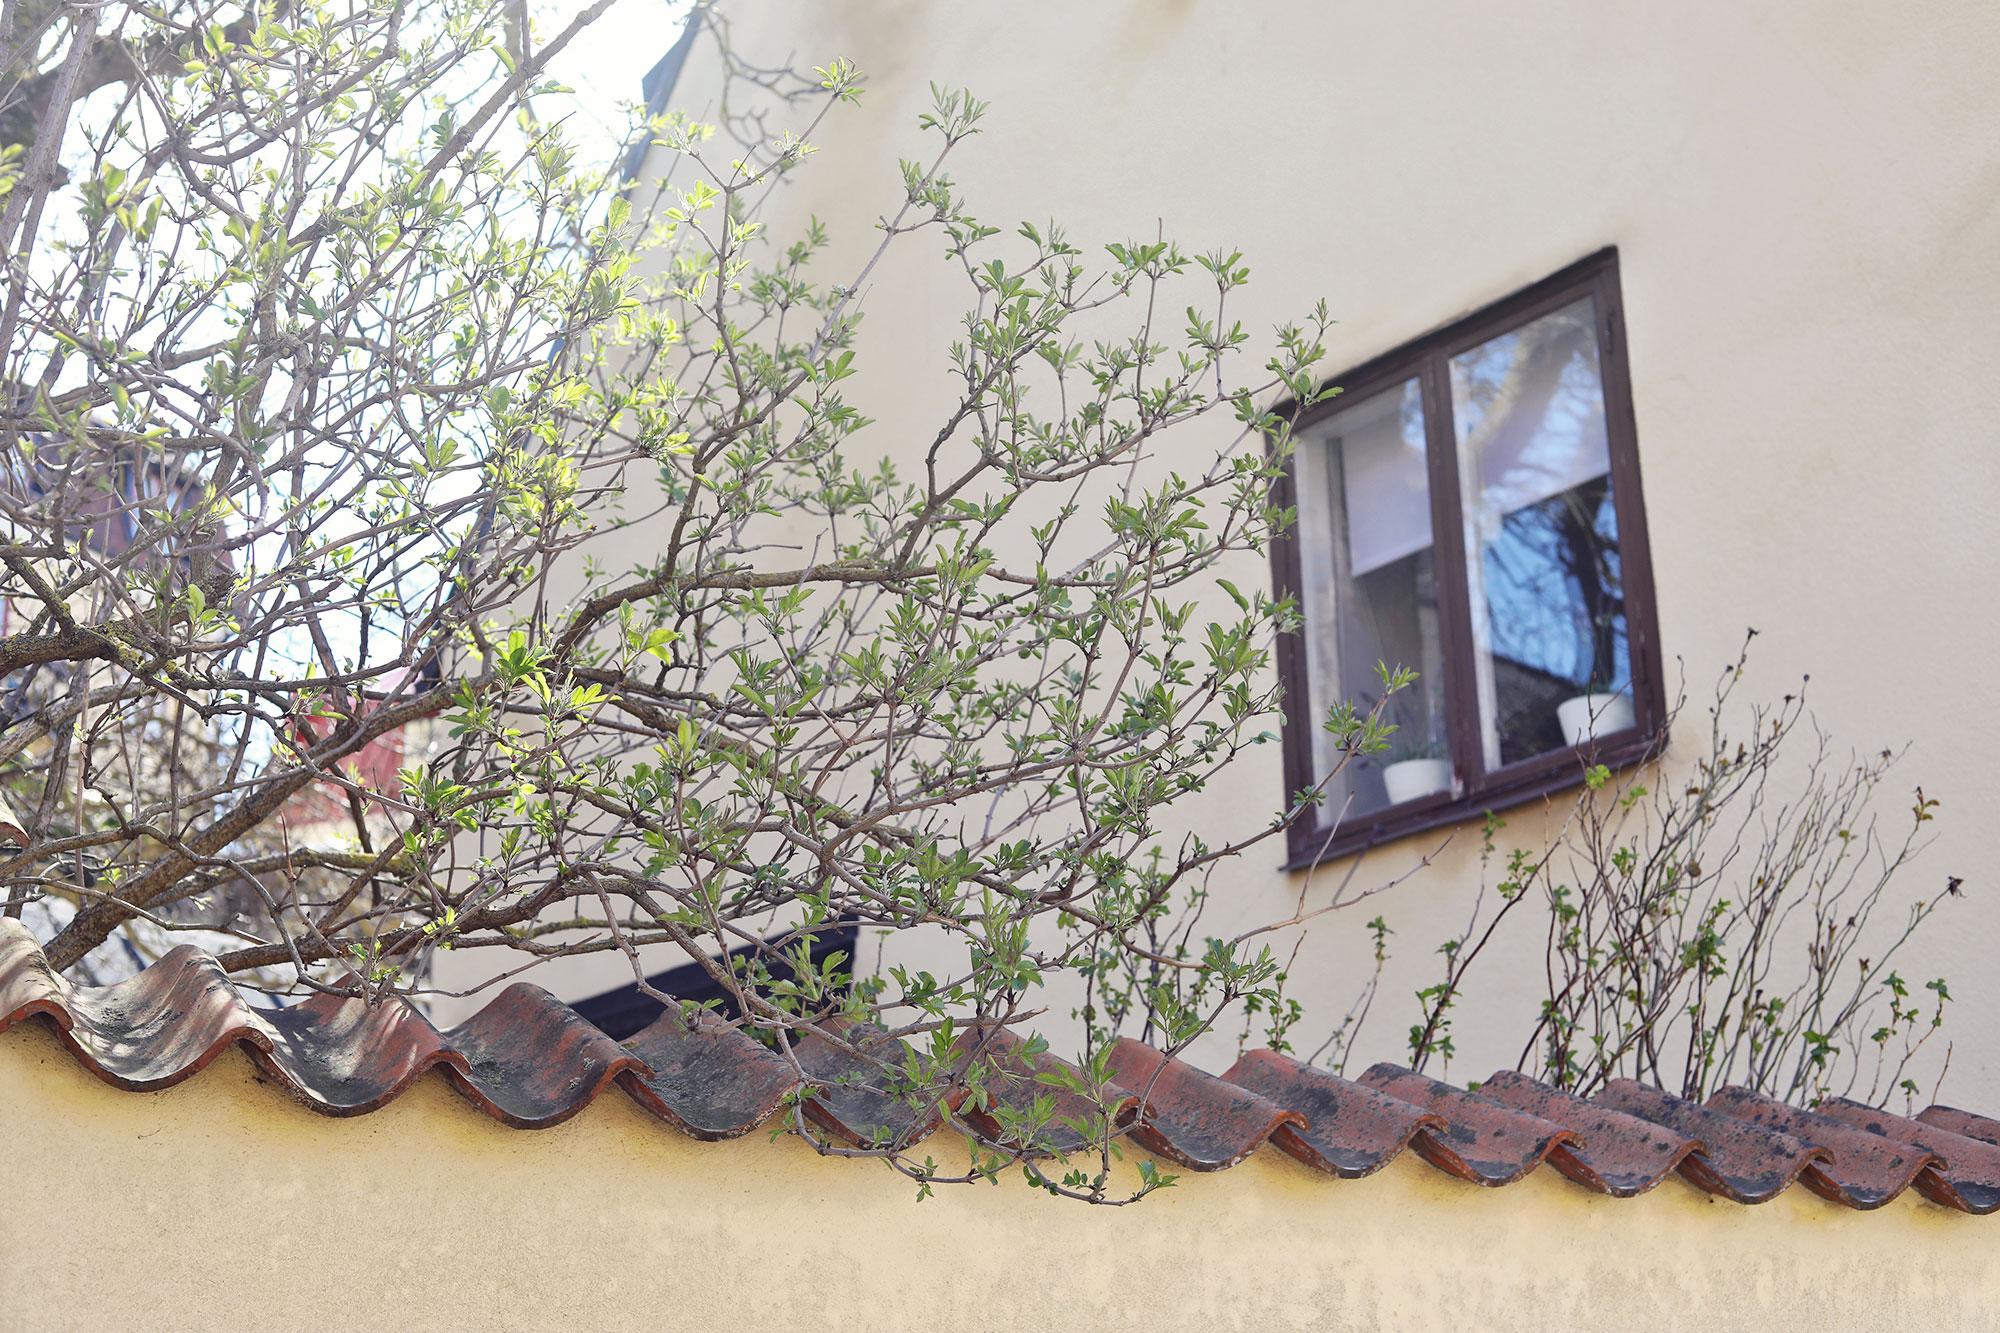 visby gotland vår hus gränder gator knoppar maj april